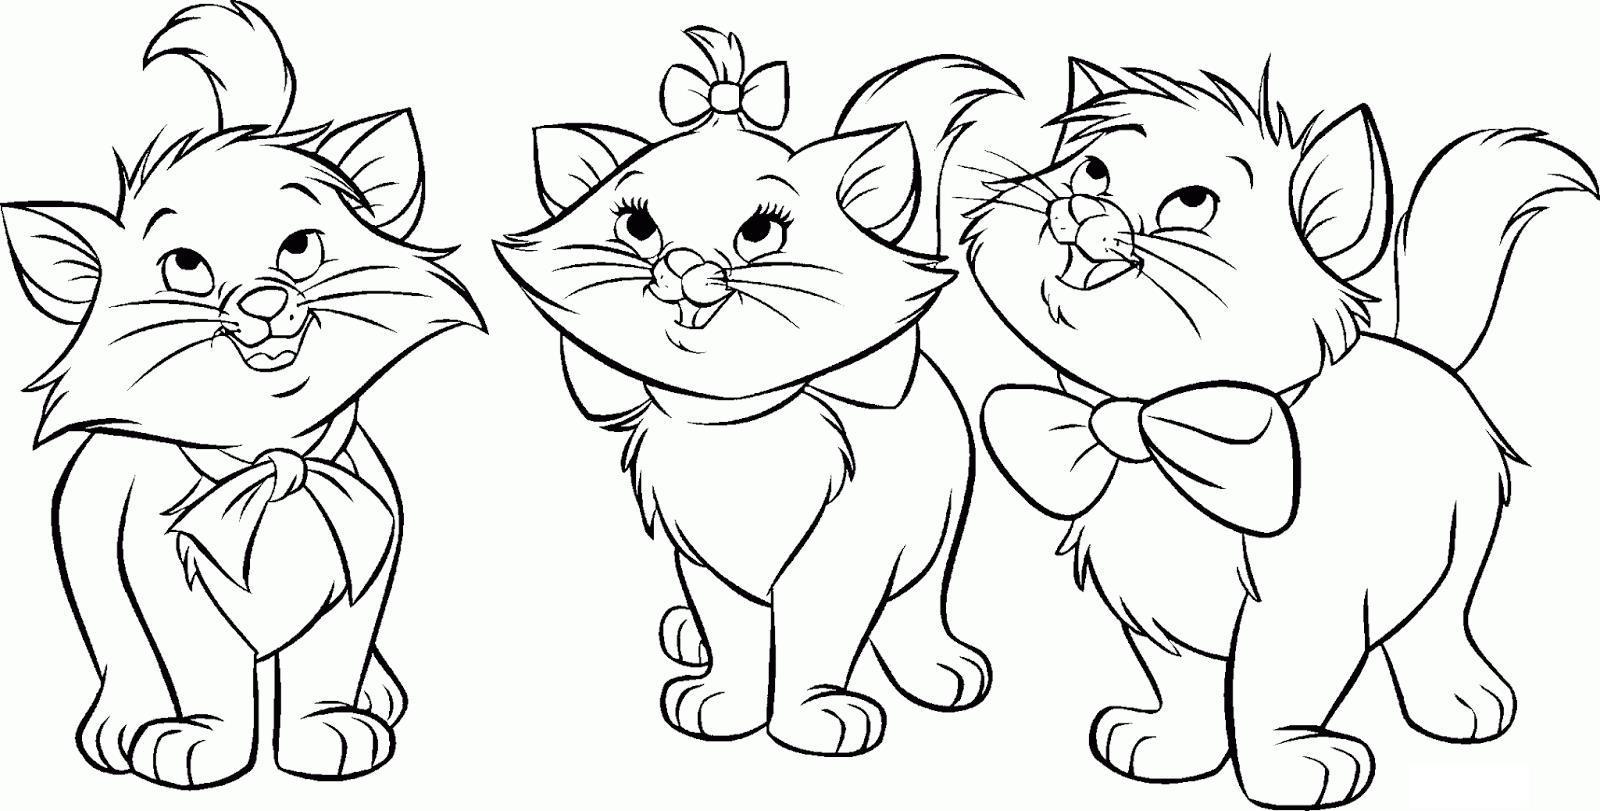 Трое котят Для детей онлайн раскраски с цветами